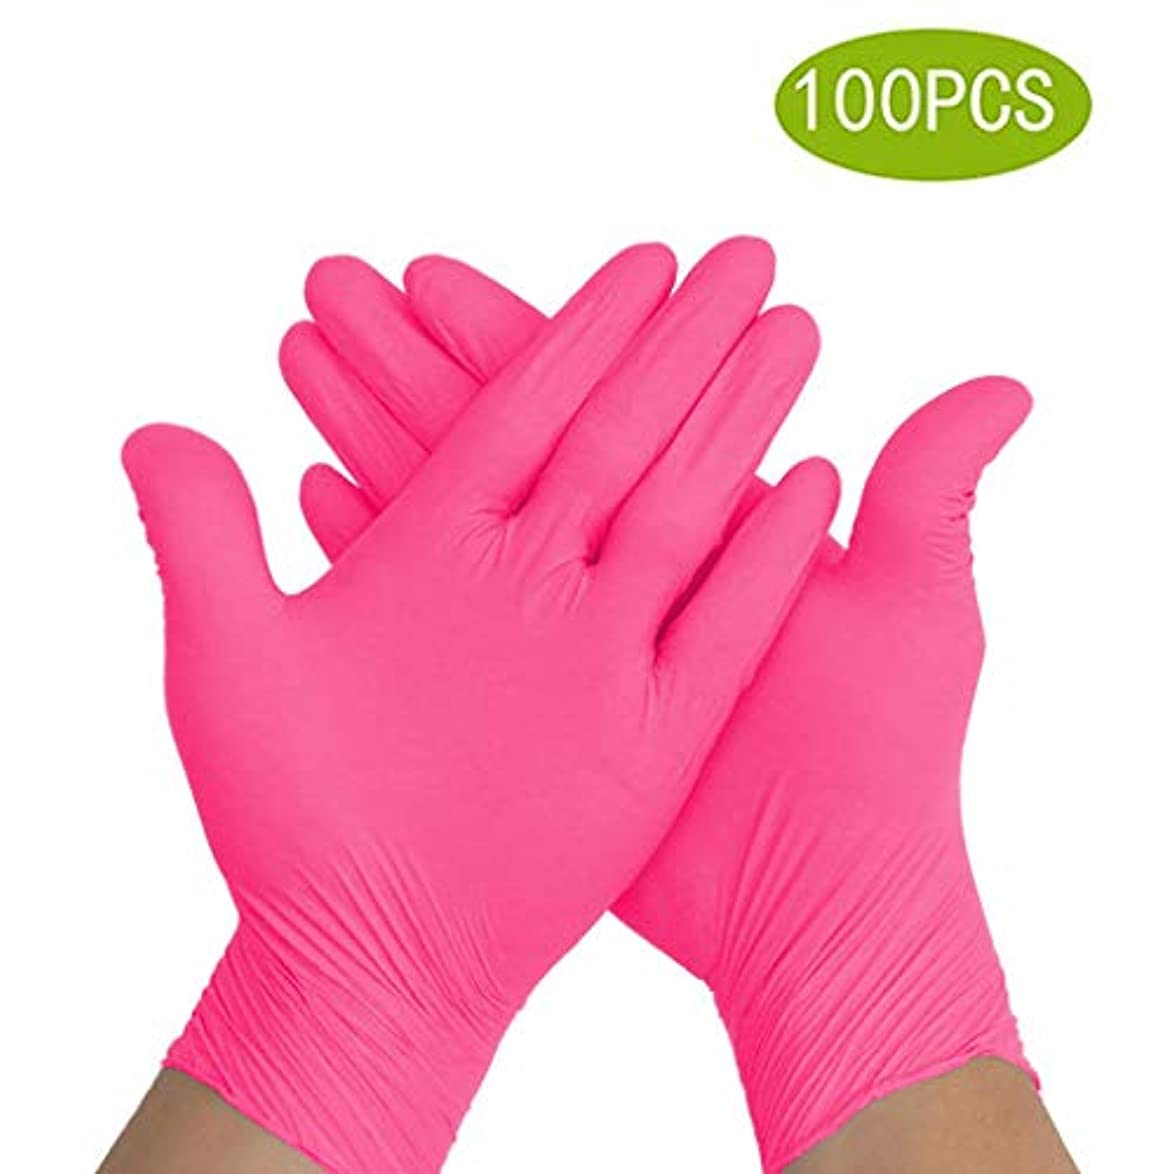 無駄臭いペグニトリル使い捨て手袋、パウダーフリーのレッドビューティーサロンタトゥー、食品用手袋、ラテックスフリー、100個ディスペンサーパック (Size : S)